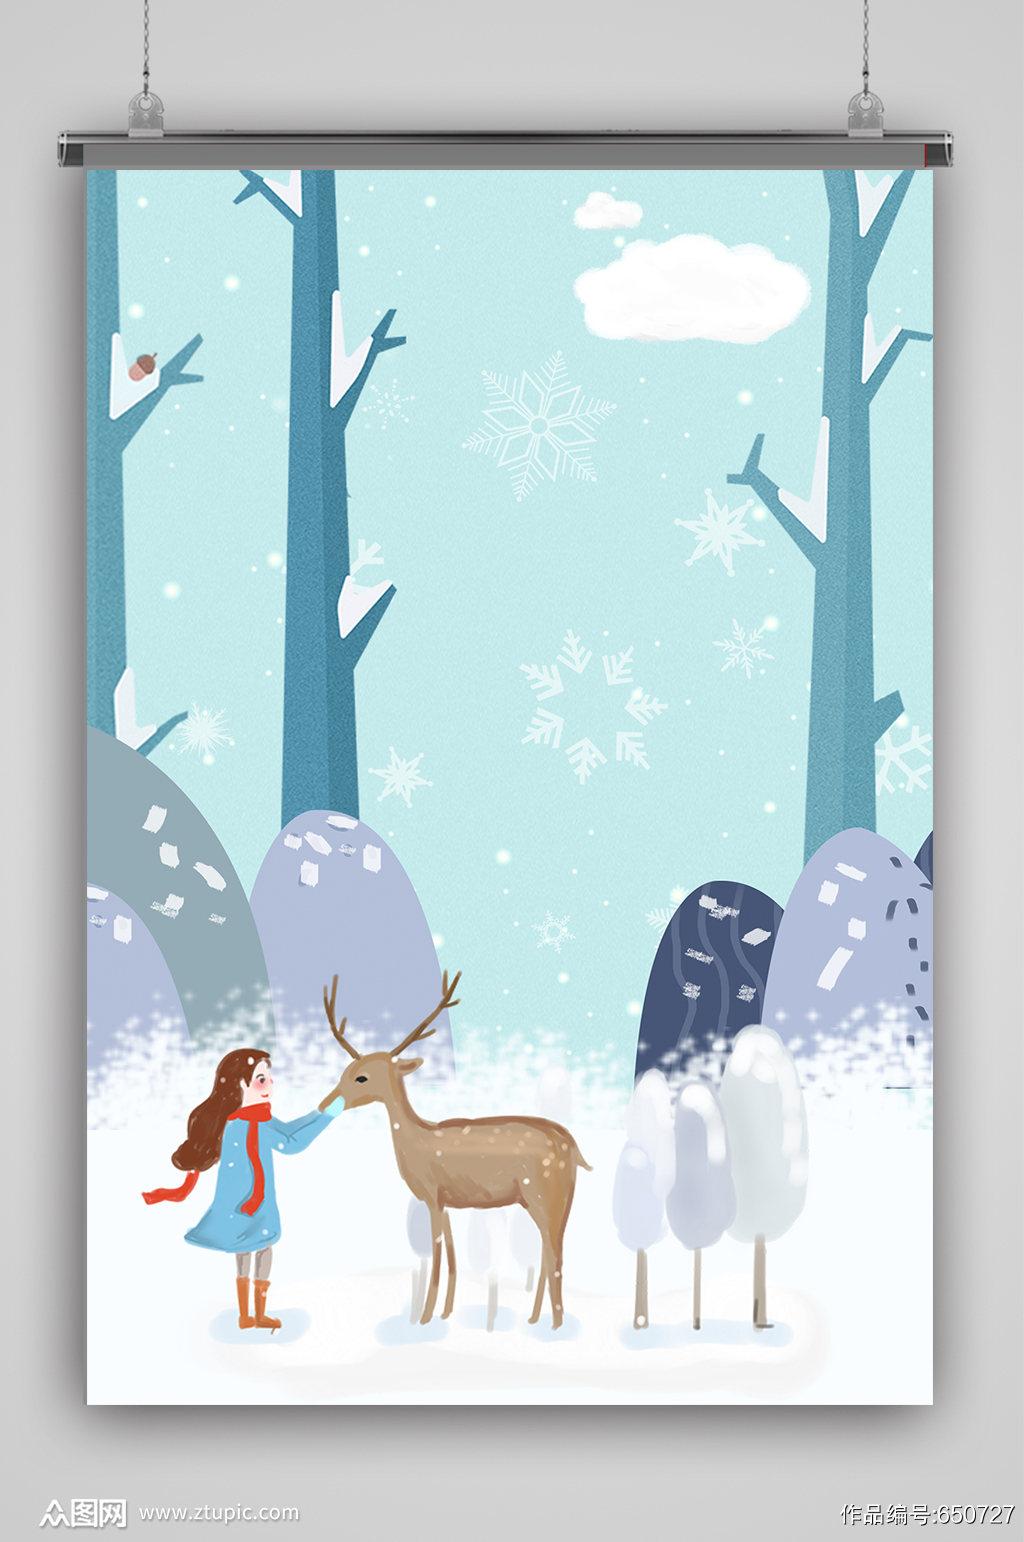 卡通麋鹿女孩圣诞节海报背景素材